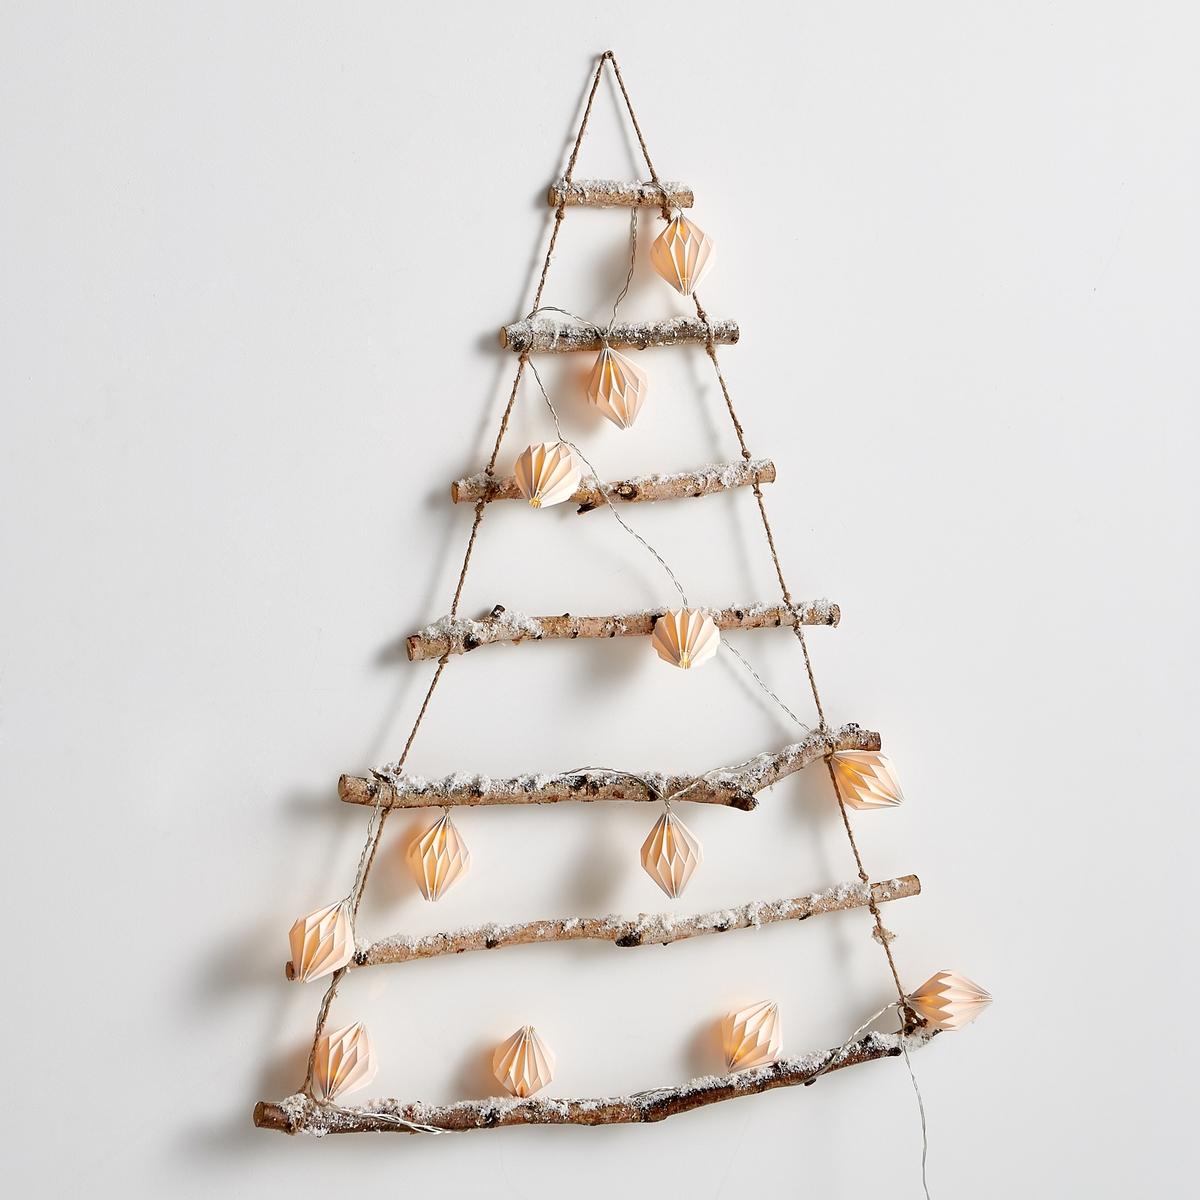 Елка рождественская, настенная PercyНастенная рождественская ёлка: декоративный элемент, идеально смотрится со светящейся гирляндой (продается отдельно).Характеристики декоративной настенной ёлки:- Декоративное украшение в форме ёлки состоит из 7 ветвей, имитирующих березу, припорошенную снегом.- Соединяются шнуром из сизаля.                                           Размеры декоративной настенной ёлки:Высота : 90 смШирина 70 см<br><br>Цвет: дерево